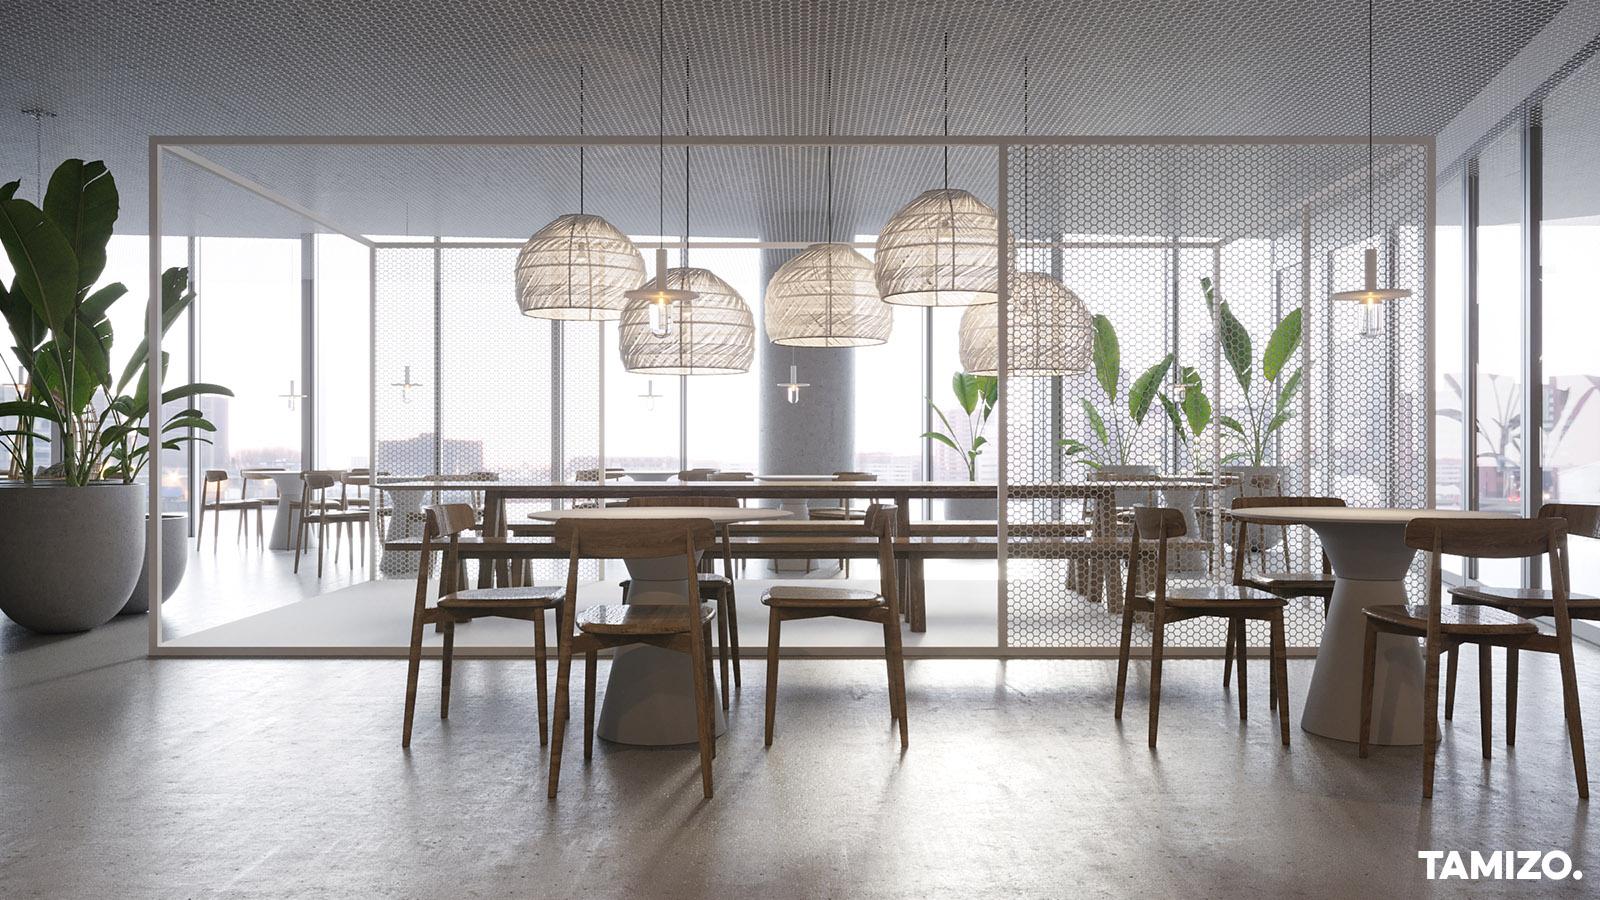 I092_tamizo_architects_projekt-wnetrz-restauracja-kantyna-mbank-mcafe-knajpa-bar-coffe-cafe-08